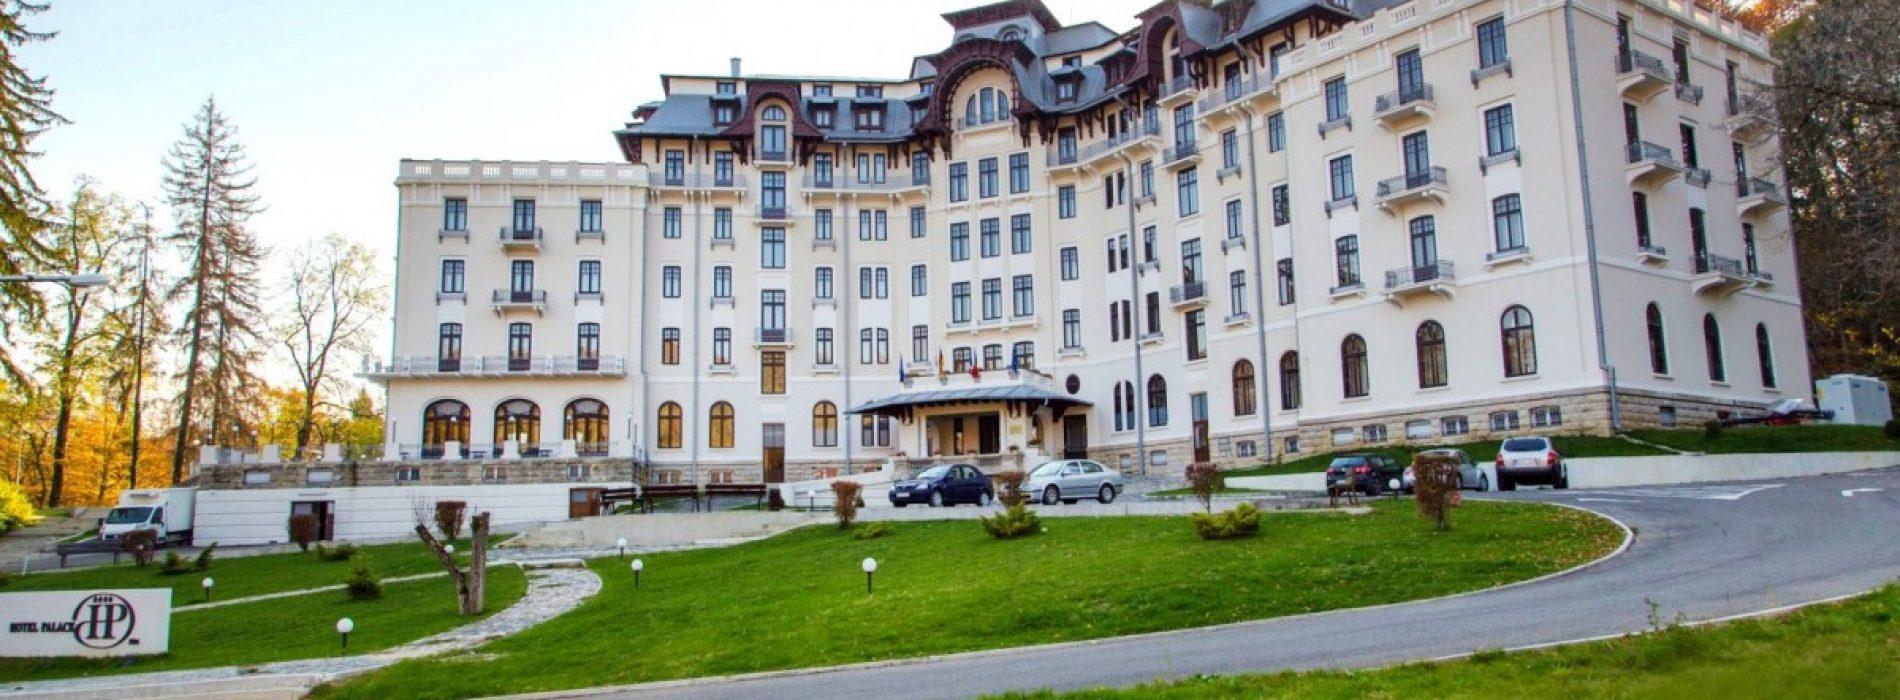 Te invităm la Palace, castelul din Băile Govora